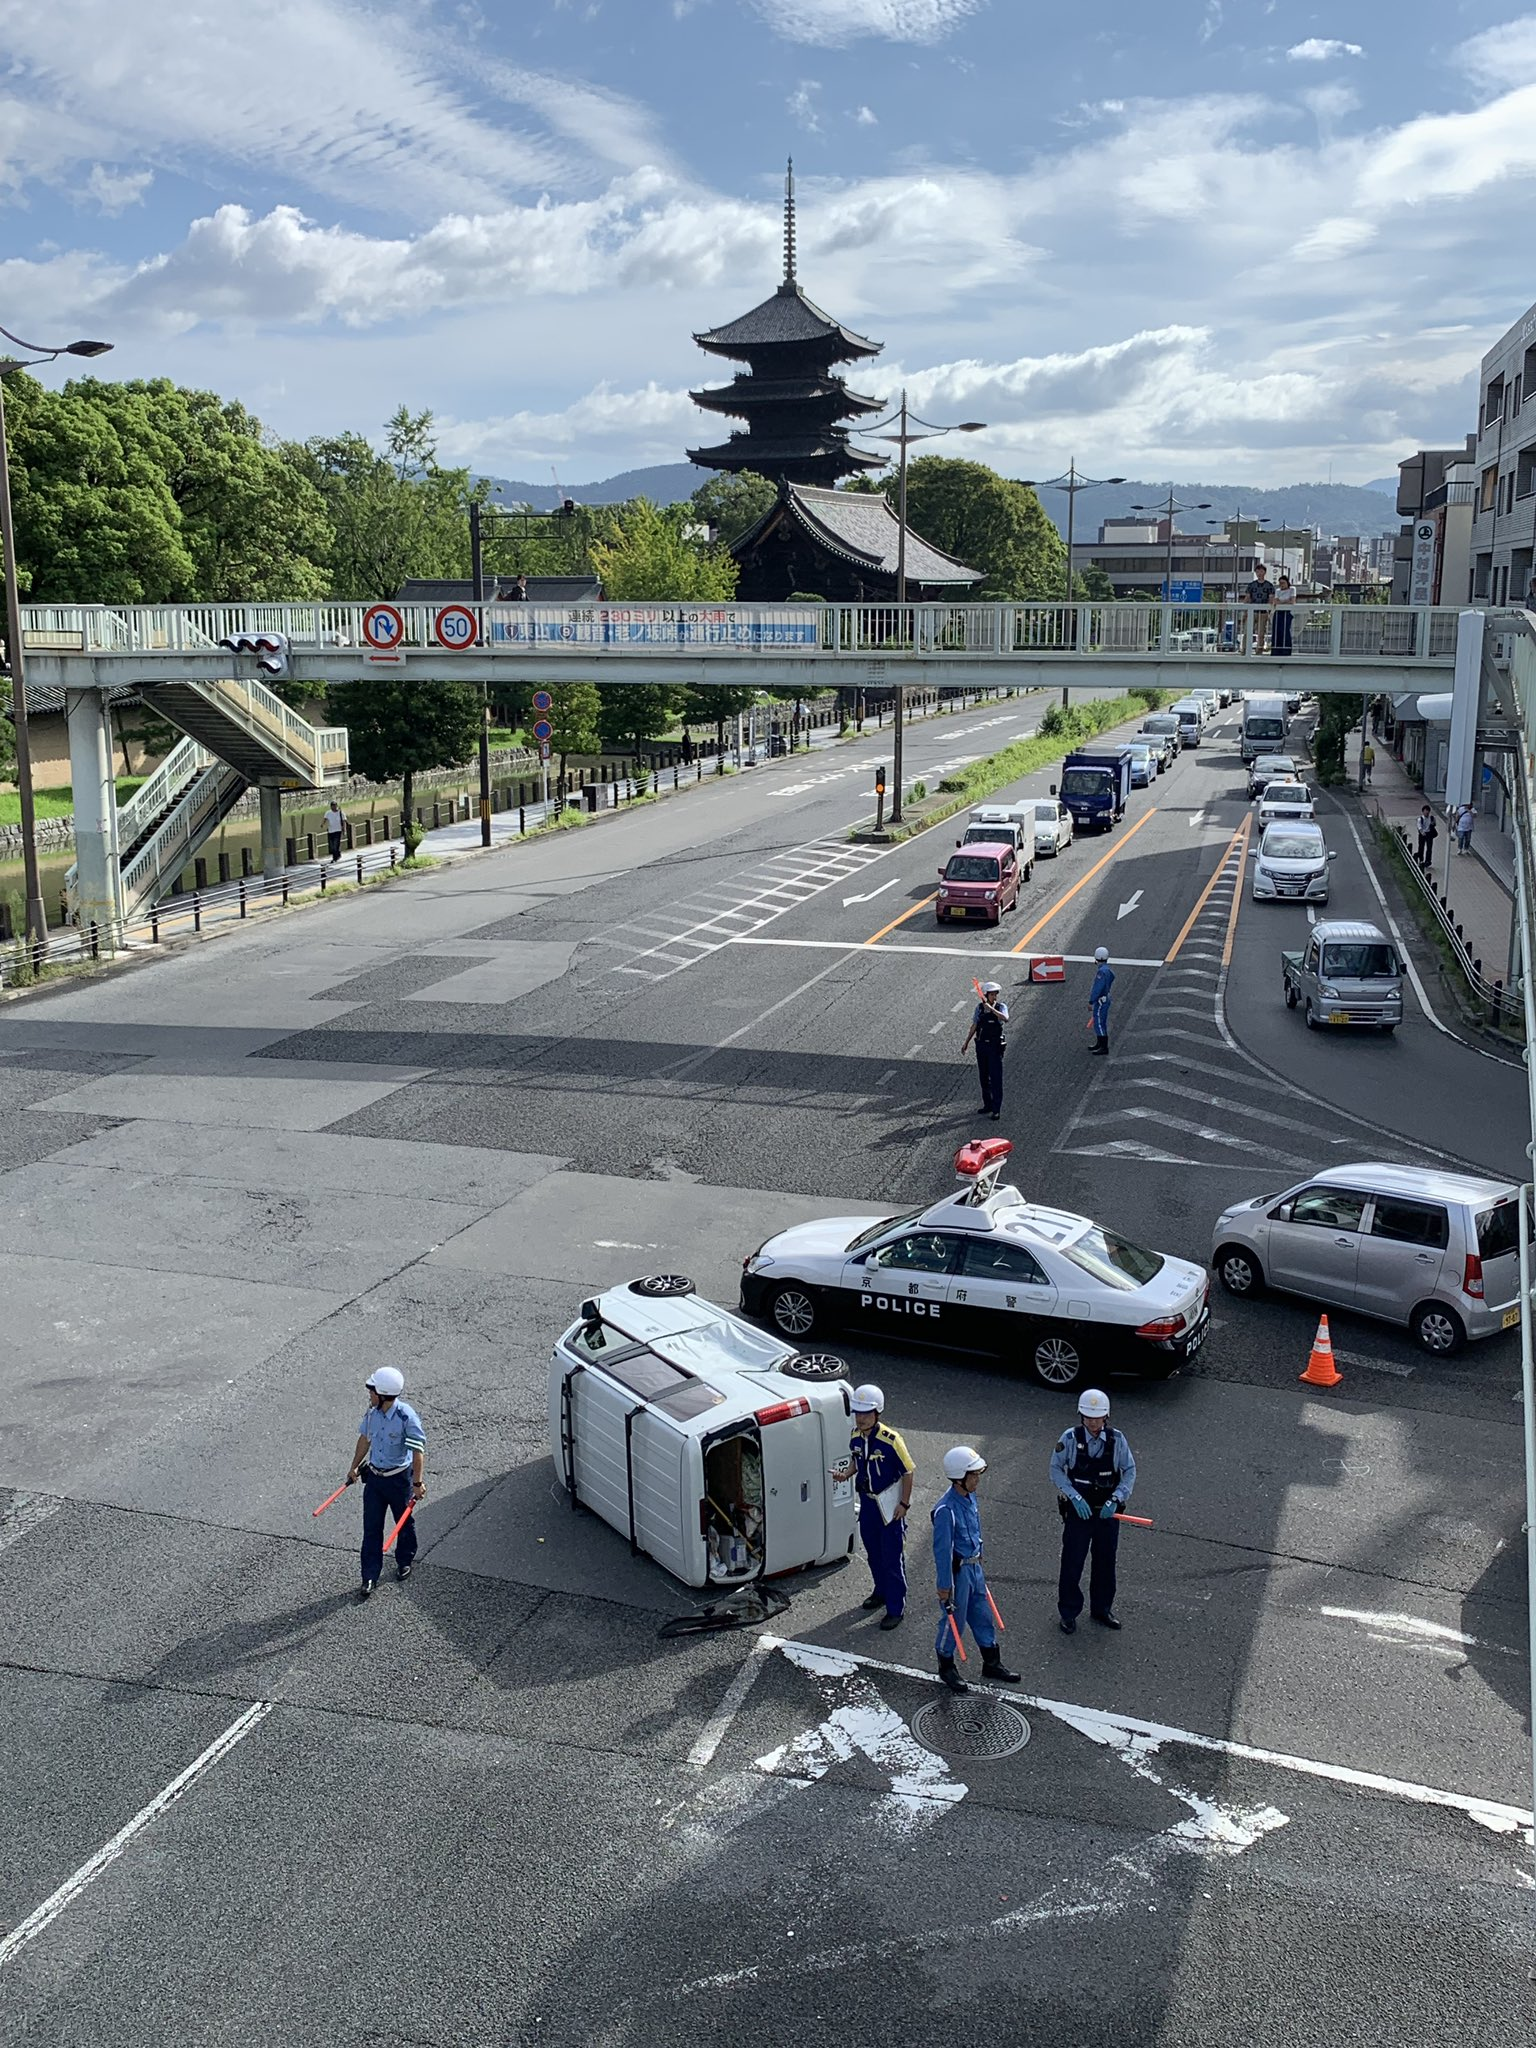 画像,東寺がある四ツ塚交差点でまた事故。軽バンがひっくり返ってました。 https://t.co/FJM5oI3d8P。